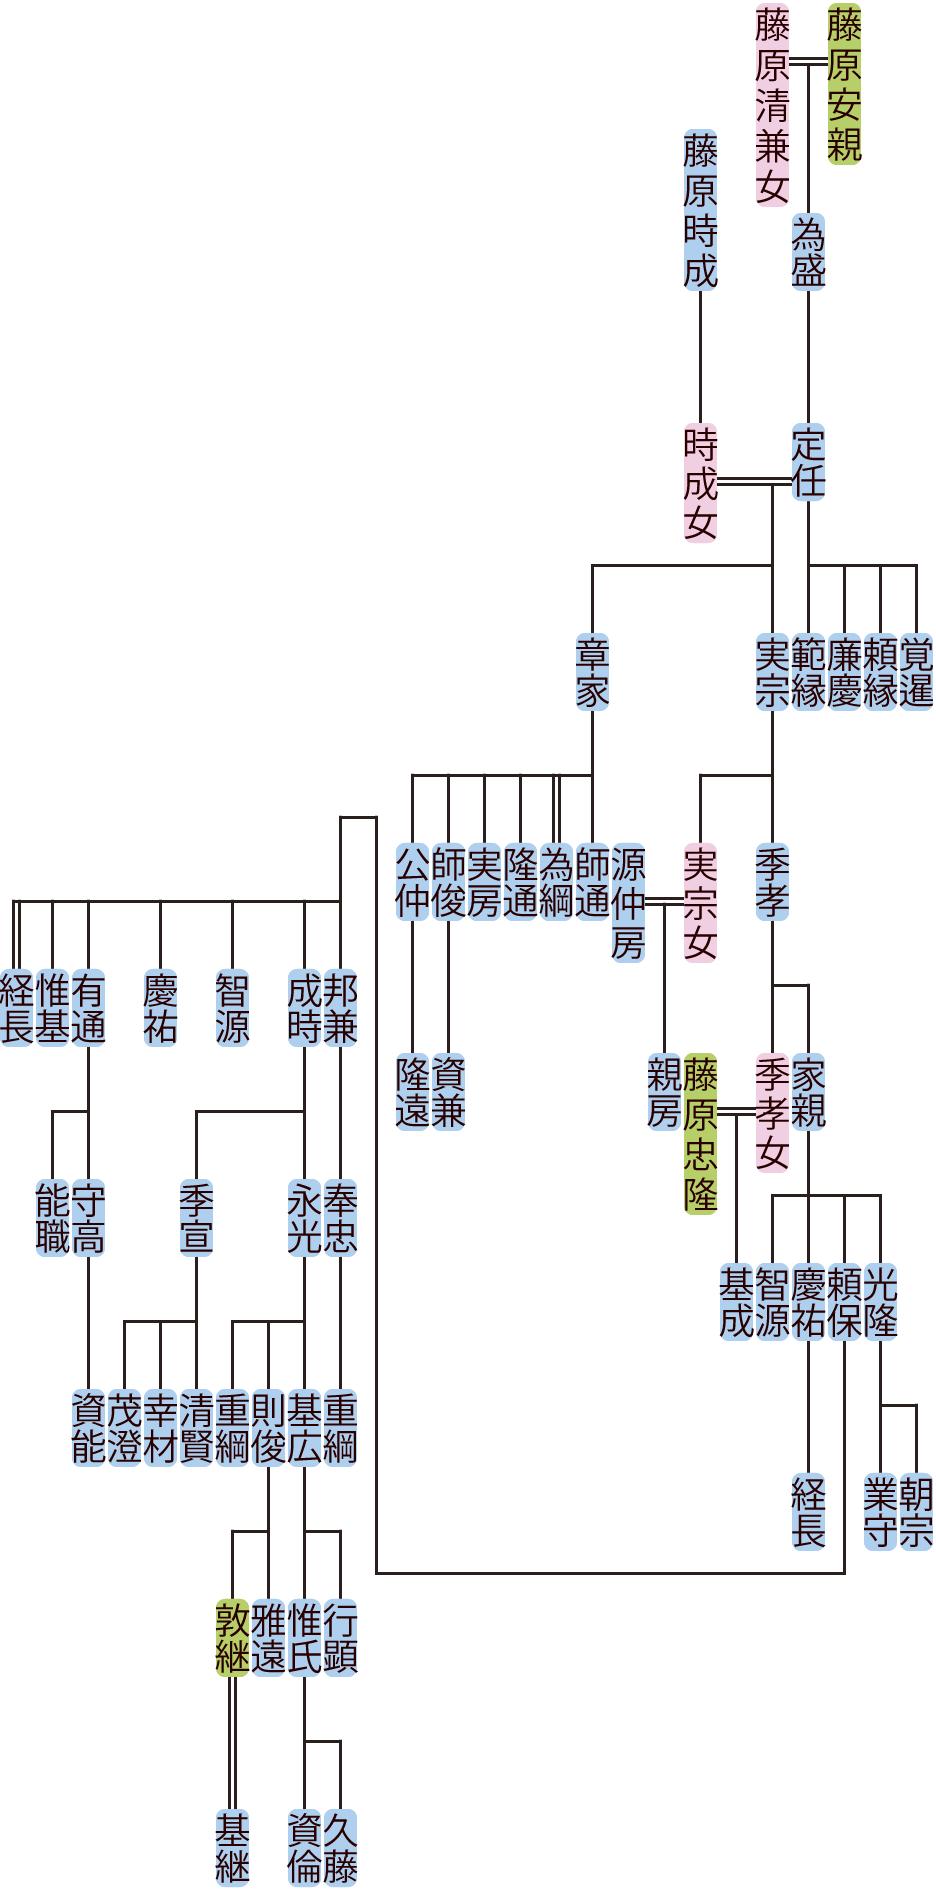 藤原定任の系図